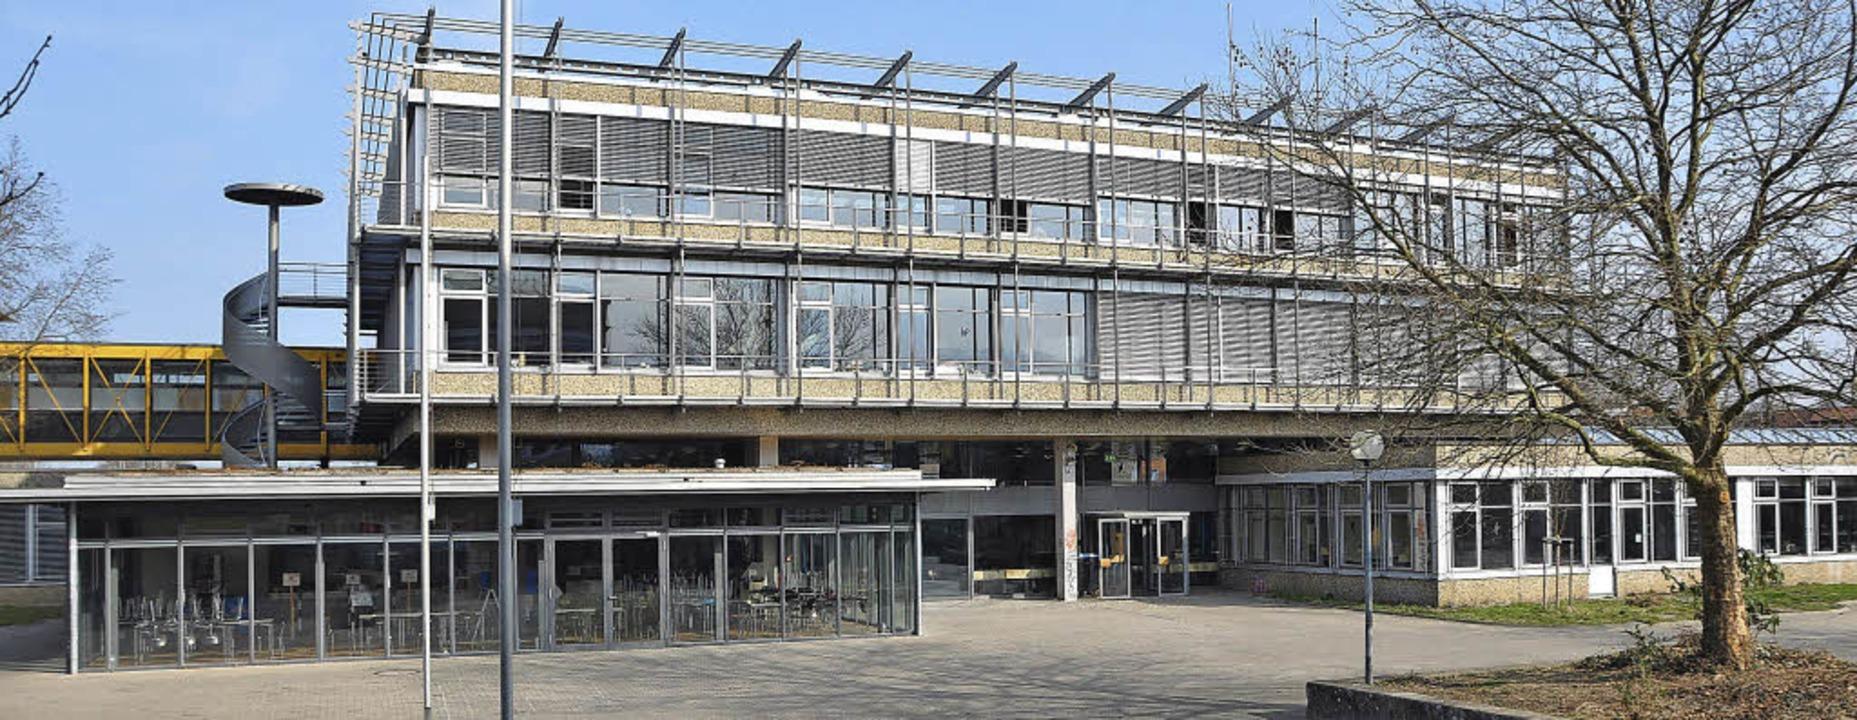 Auch am Staufener Faust-Gymnasium kämp...gaben der Landes- und Bundesregierung.  | Foto: Rainer Ruther